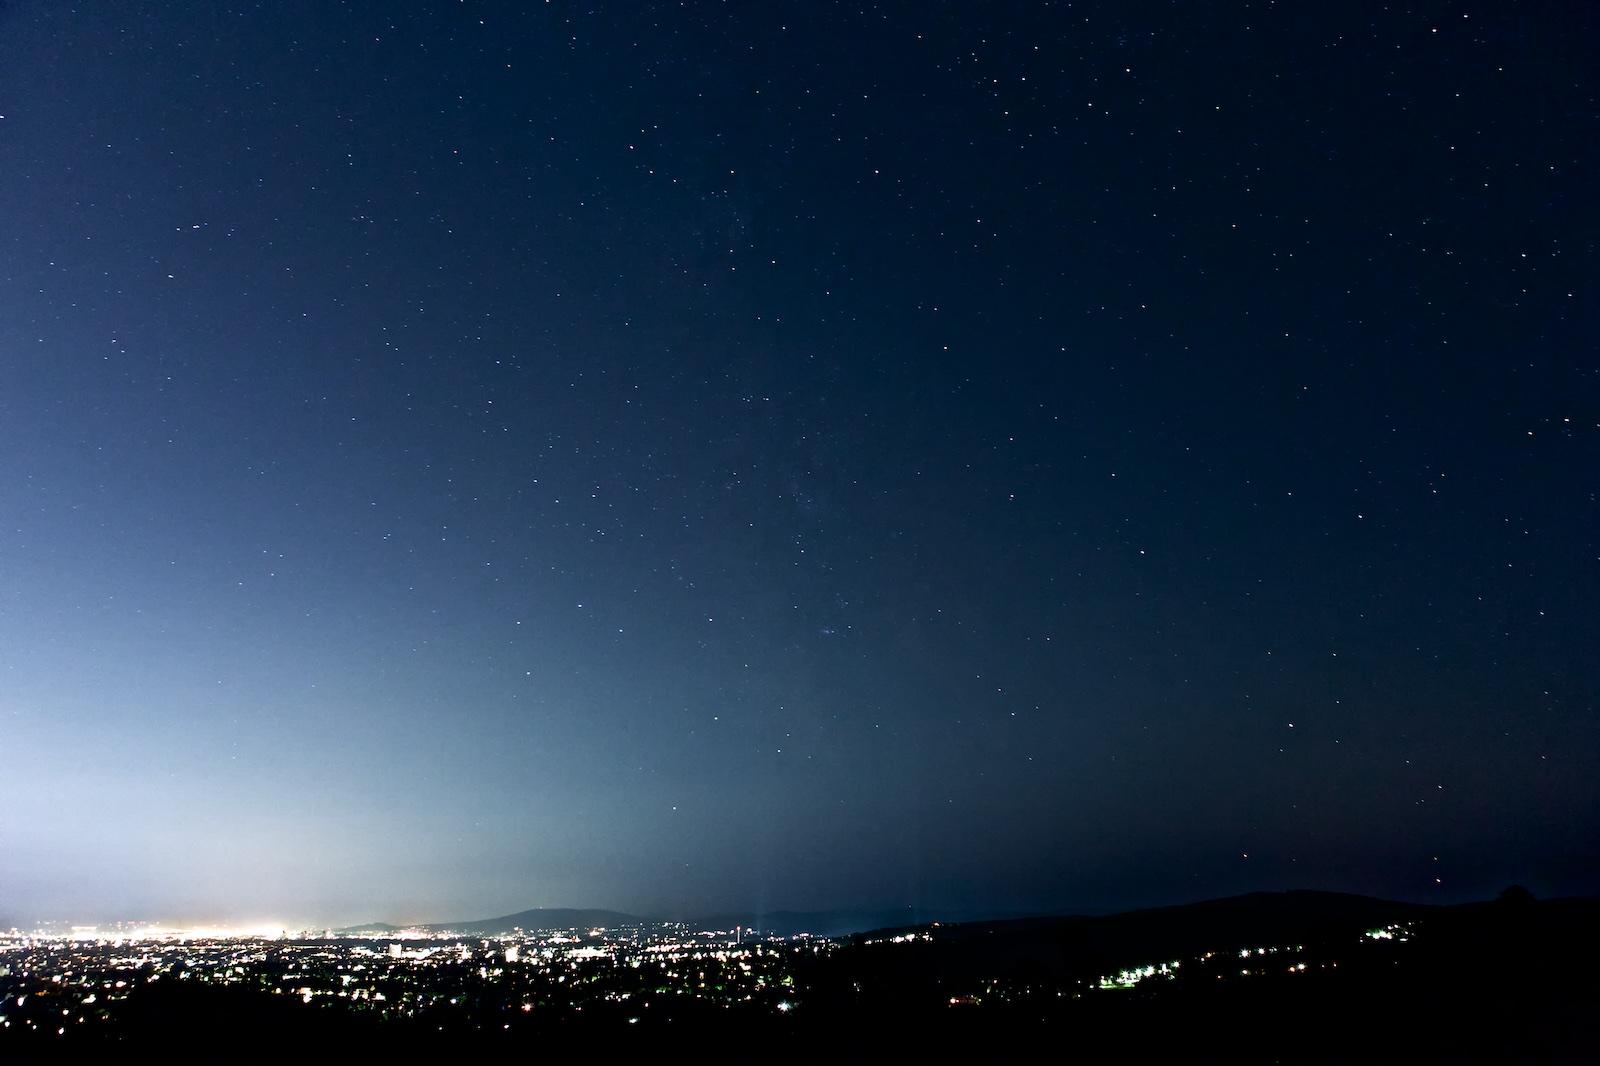 Nachthimmel über Wien, Lichtverschmutzung